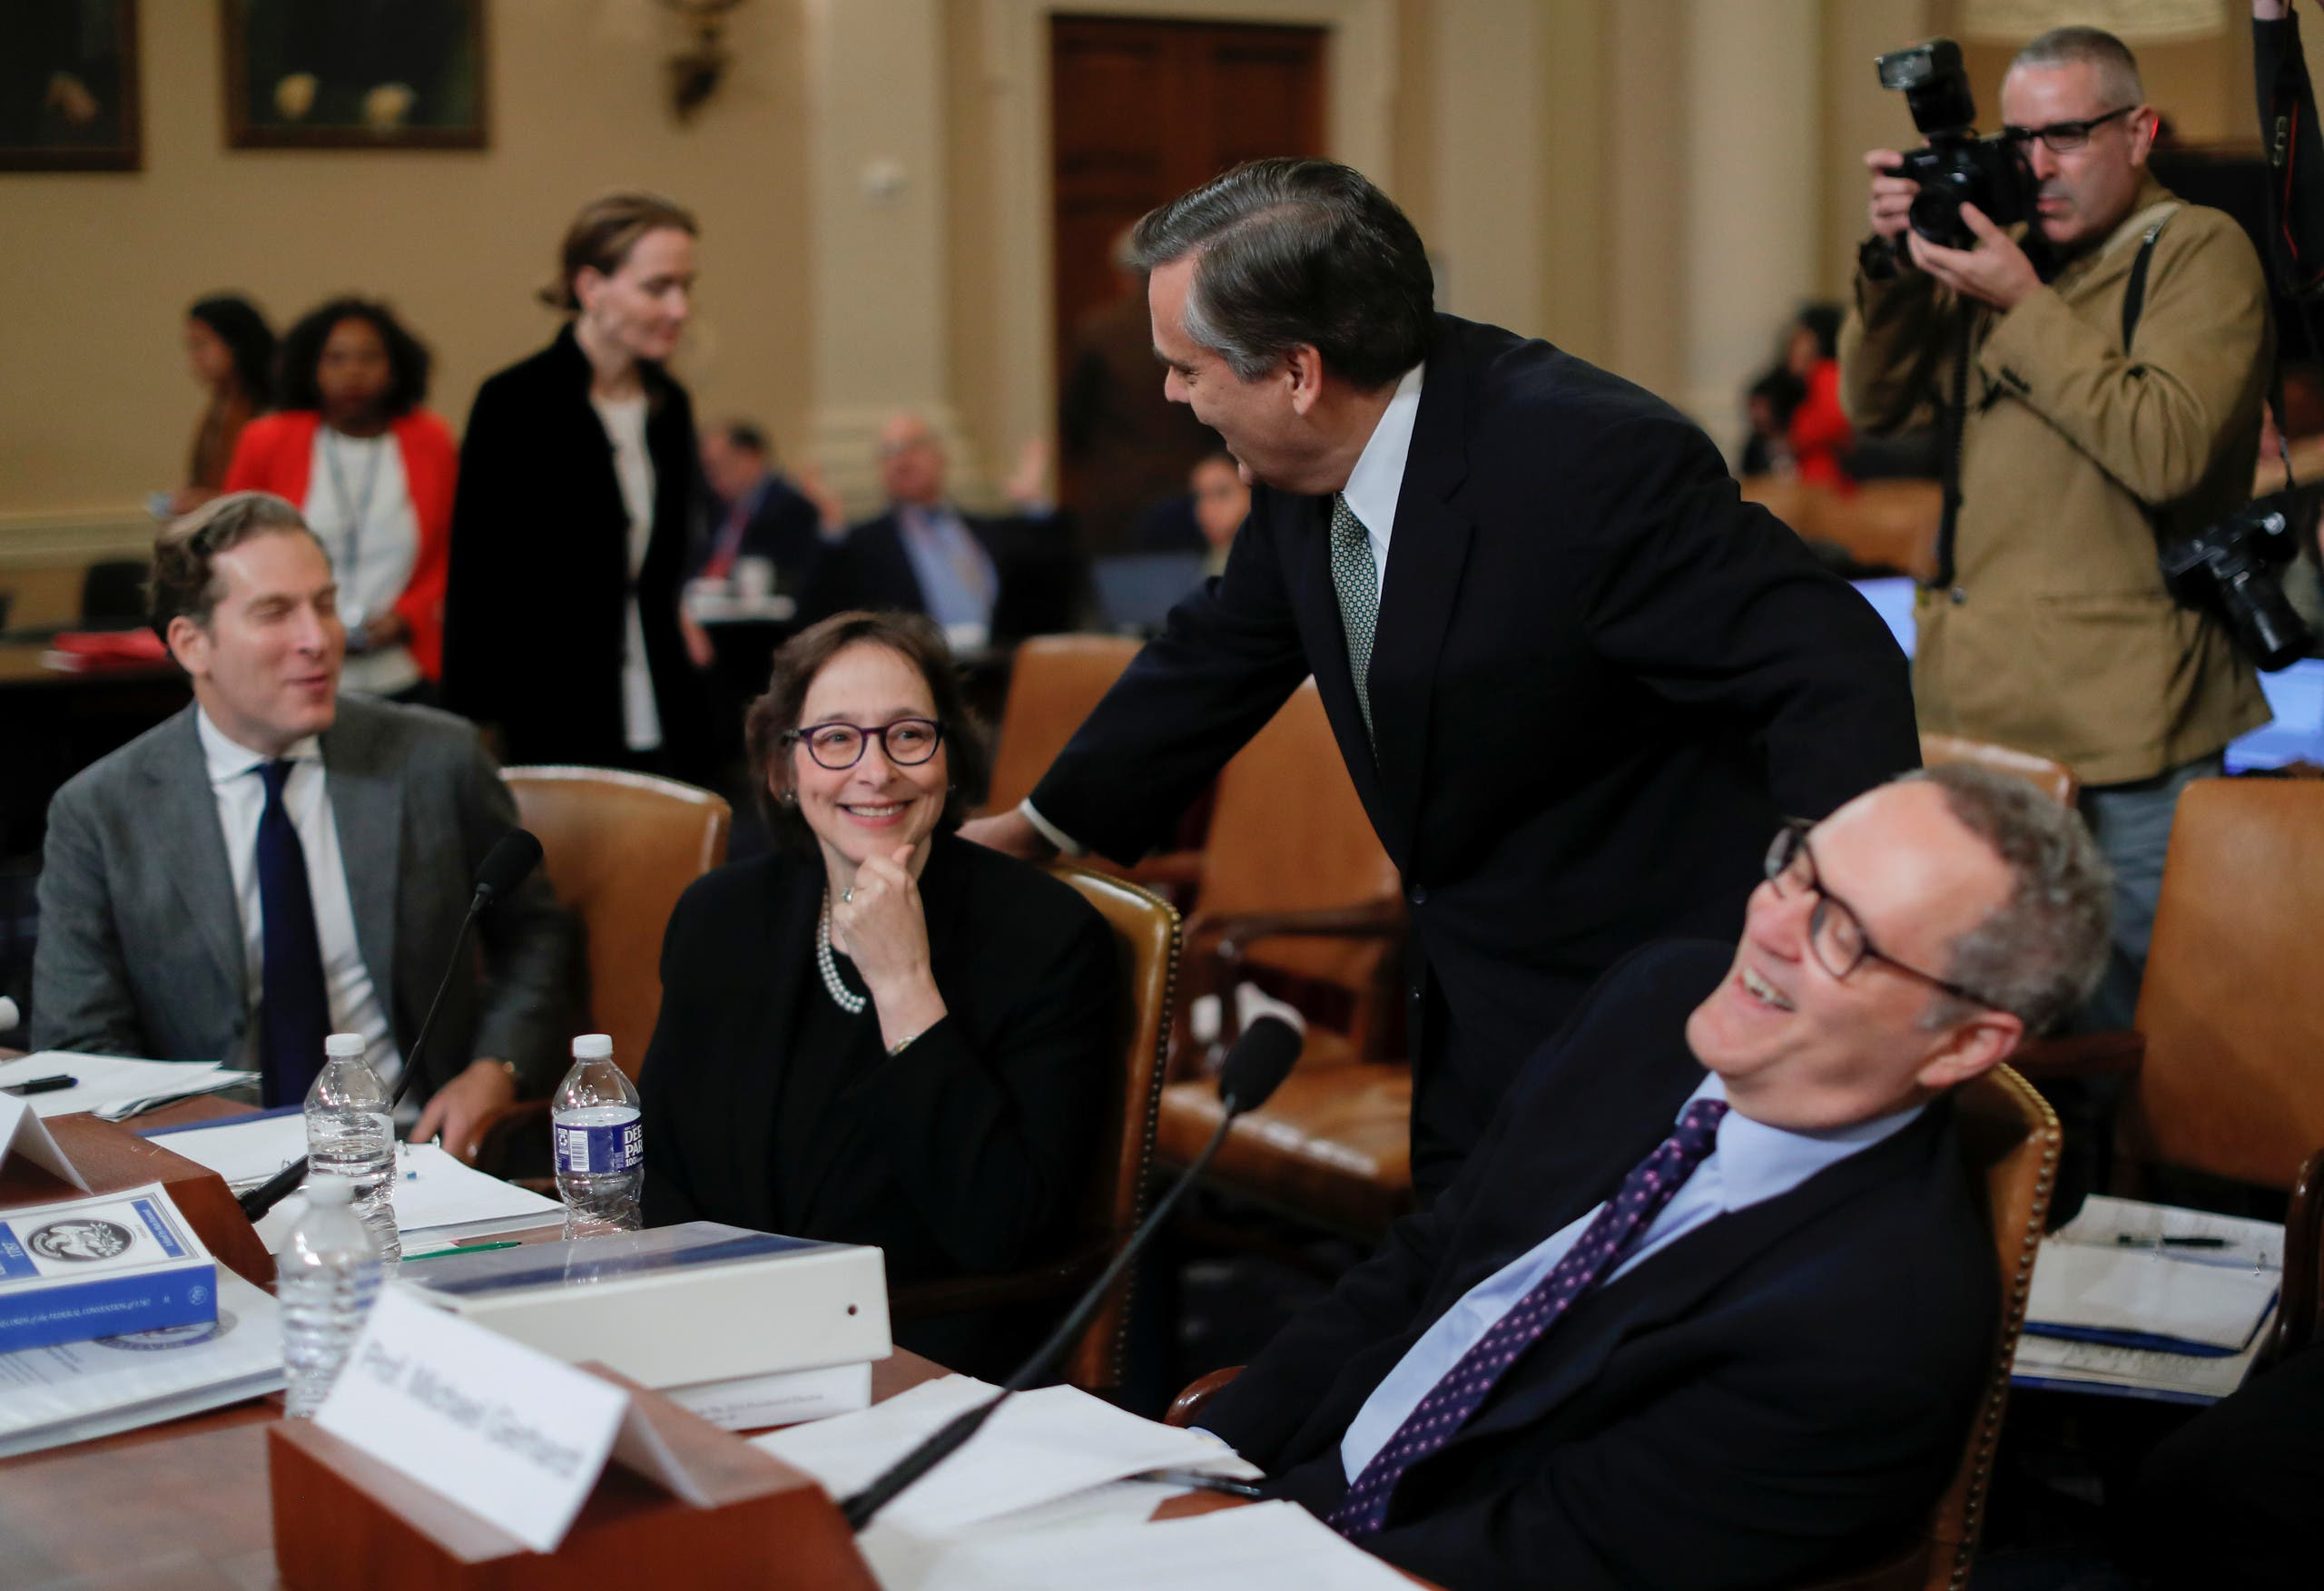 المحامية الأميركية، باميلا كارلان (أرشيفية- رويترز)